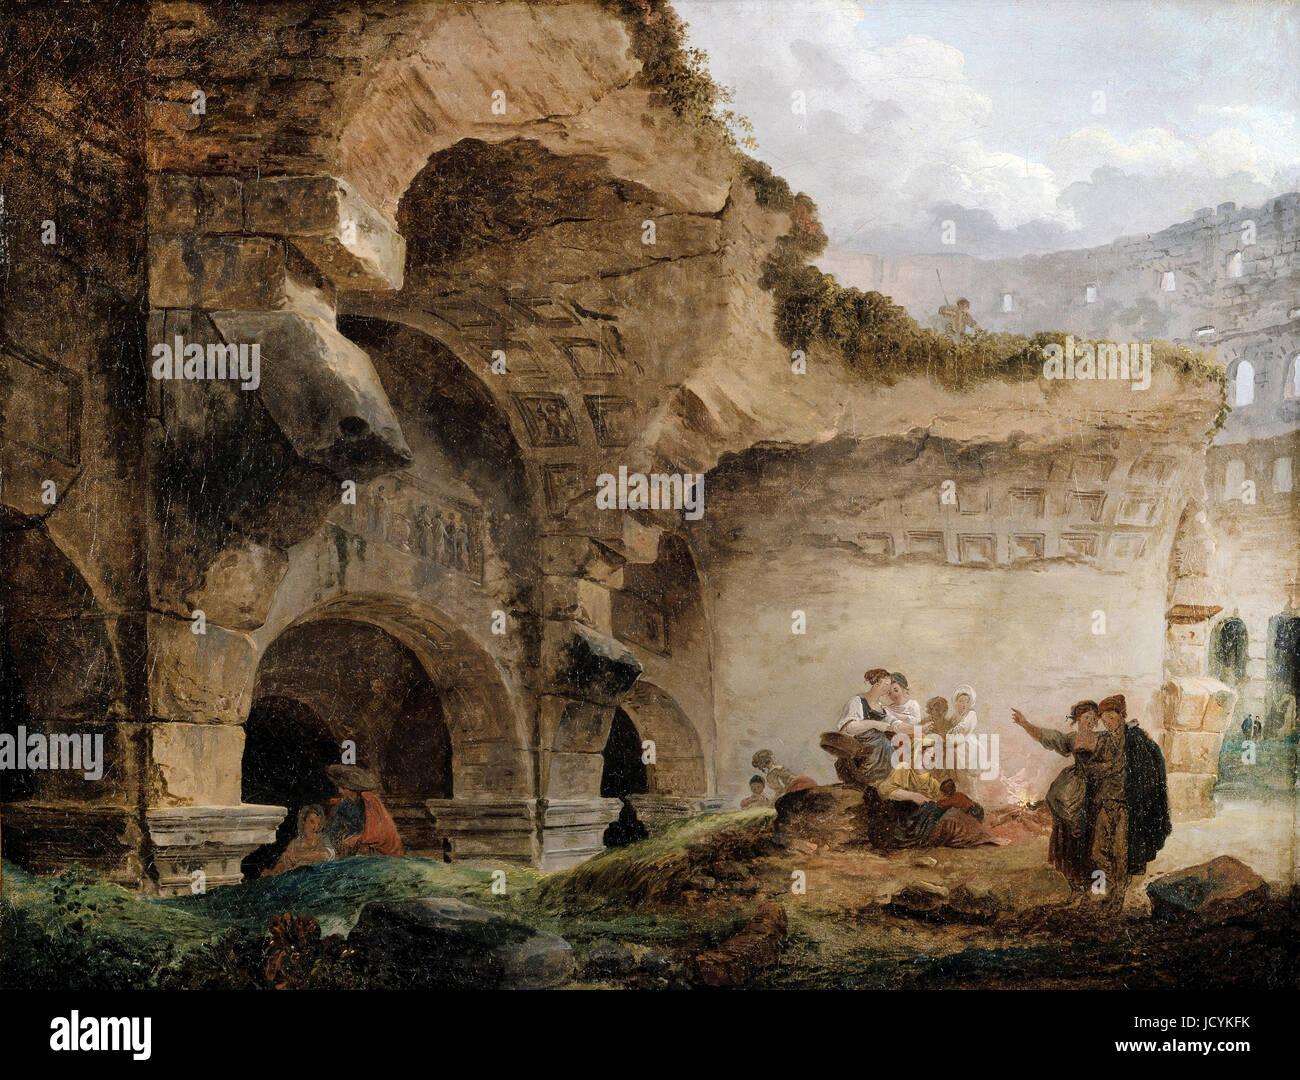 Hubert Robert, vue imaginaire de Rome avec l'Horse-Tamer du Monte Cavallo et une église 1786 Huile sur Photo Stock